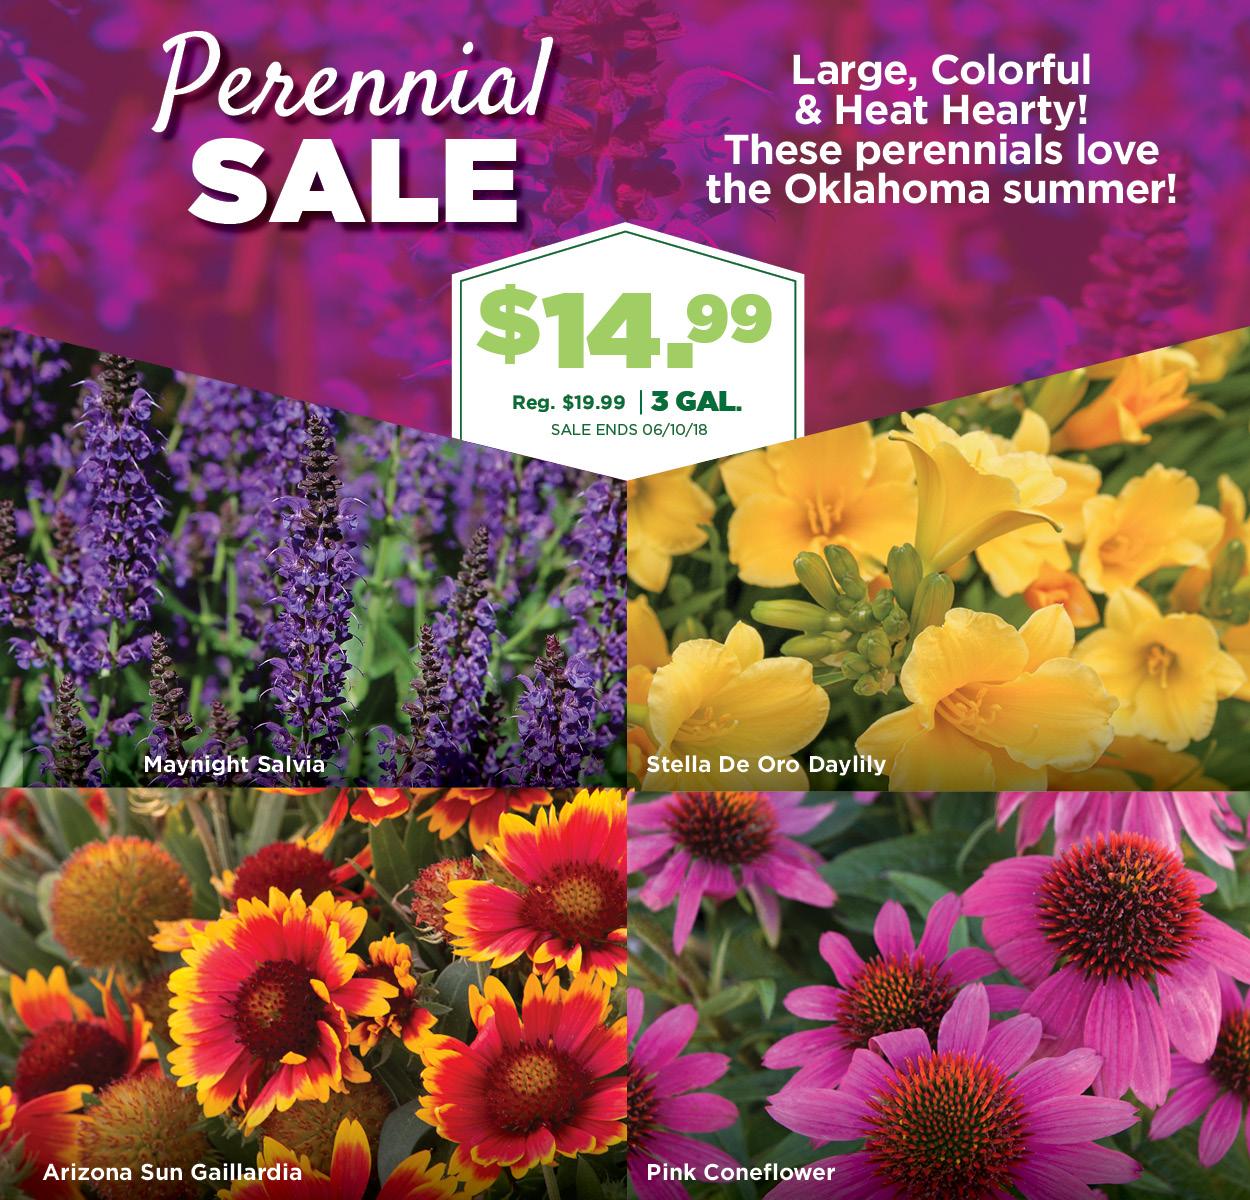 Perennial Sale